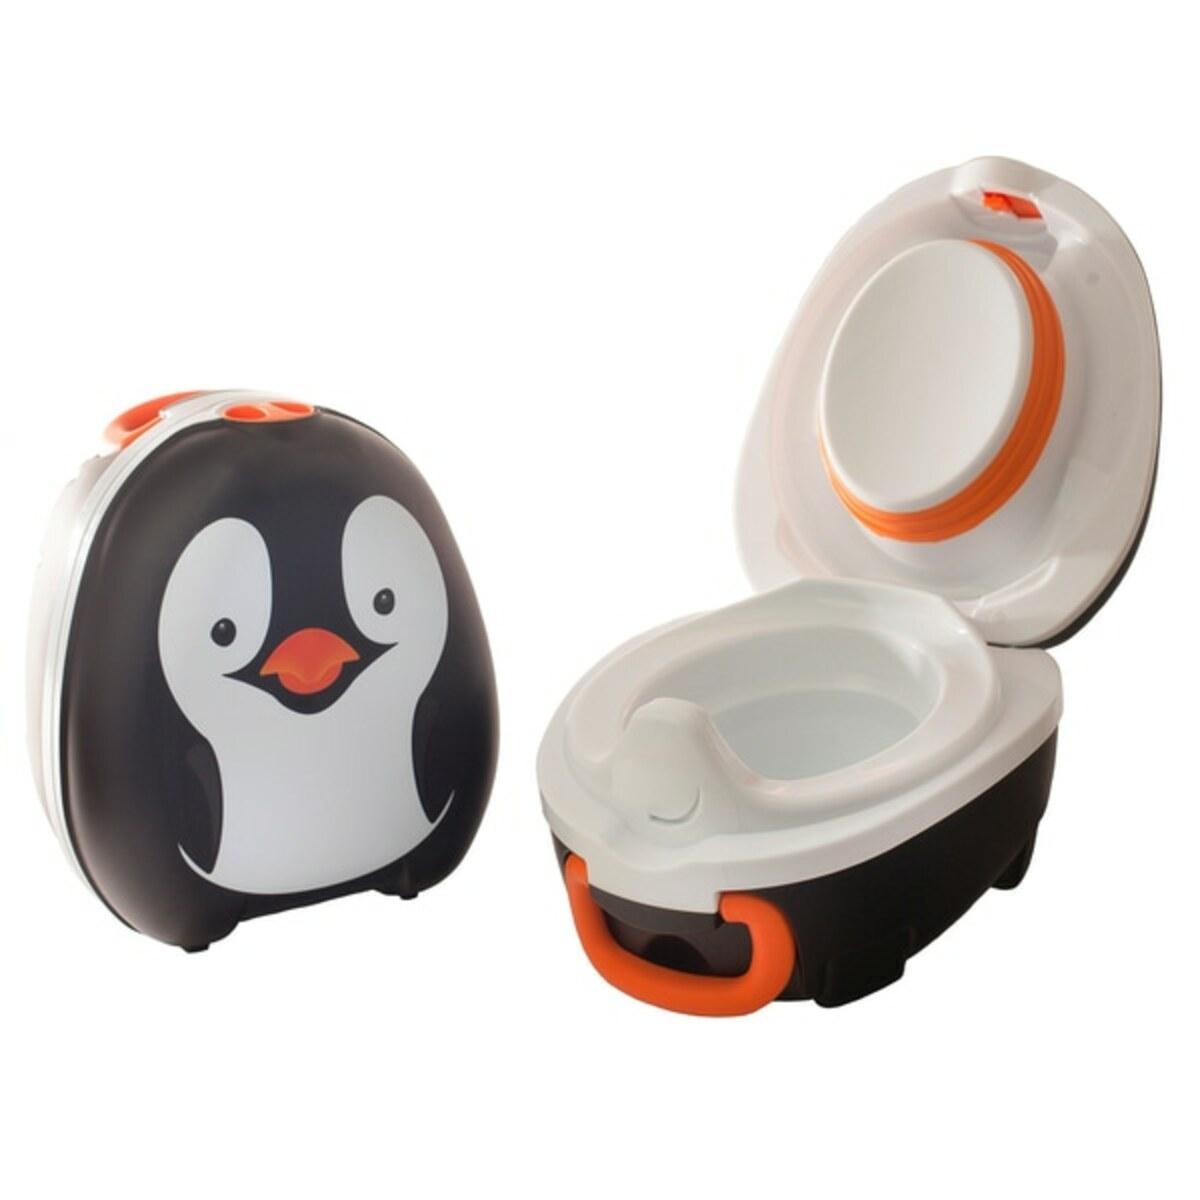 Bild 3 von My Carry Potty - Reise Toilette, Pinguin